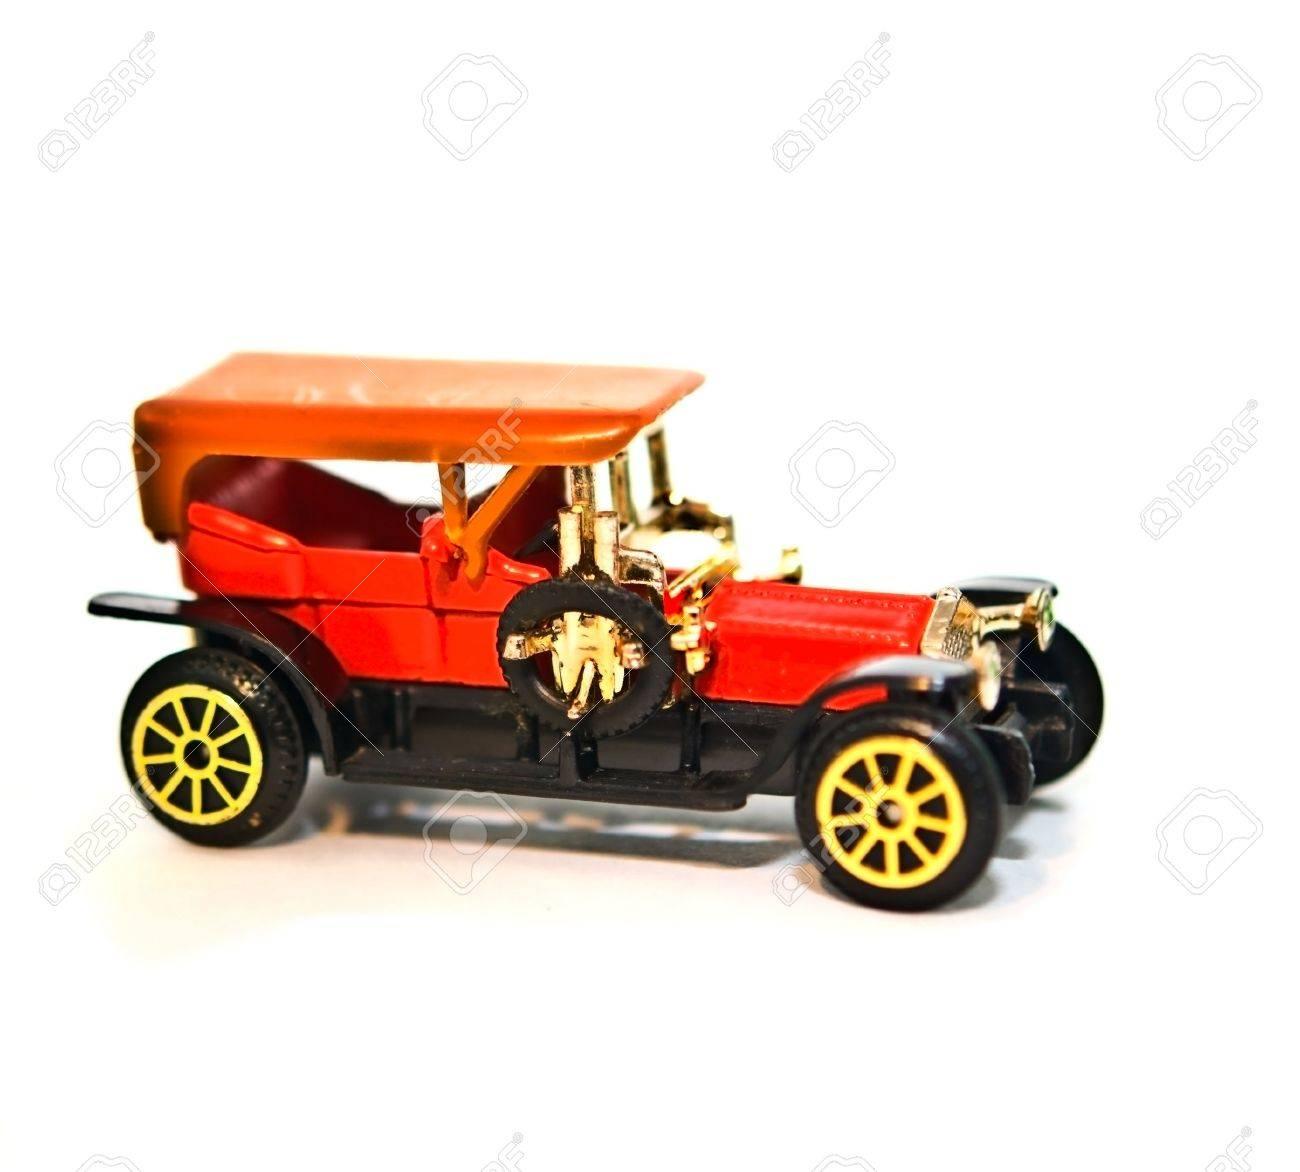 A metal replica of a 4 door antique car. Stock Photo - 7381363